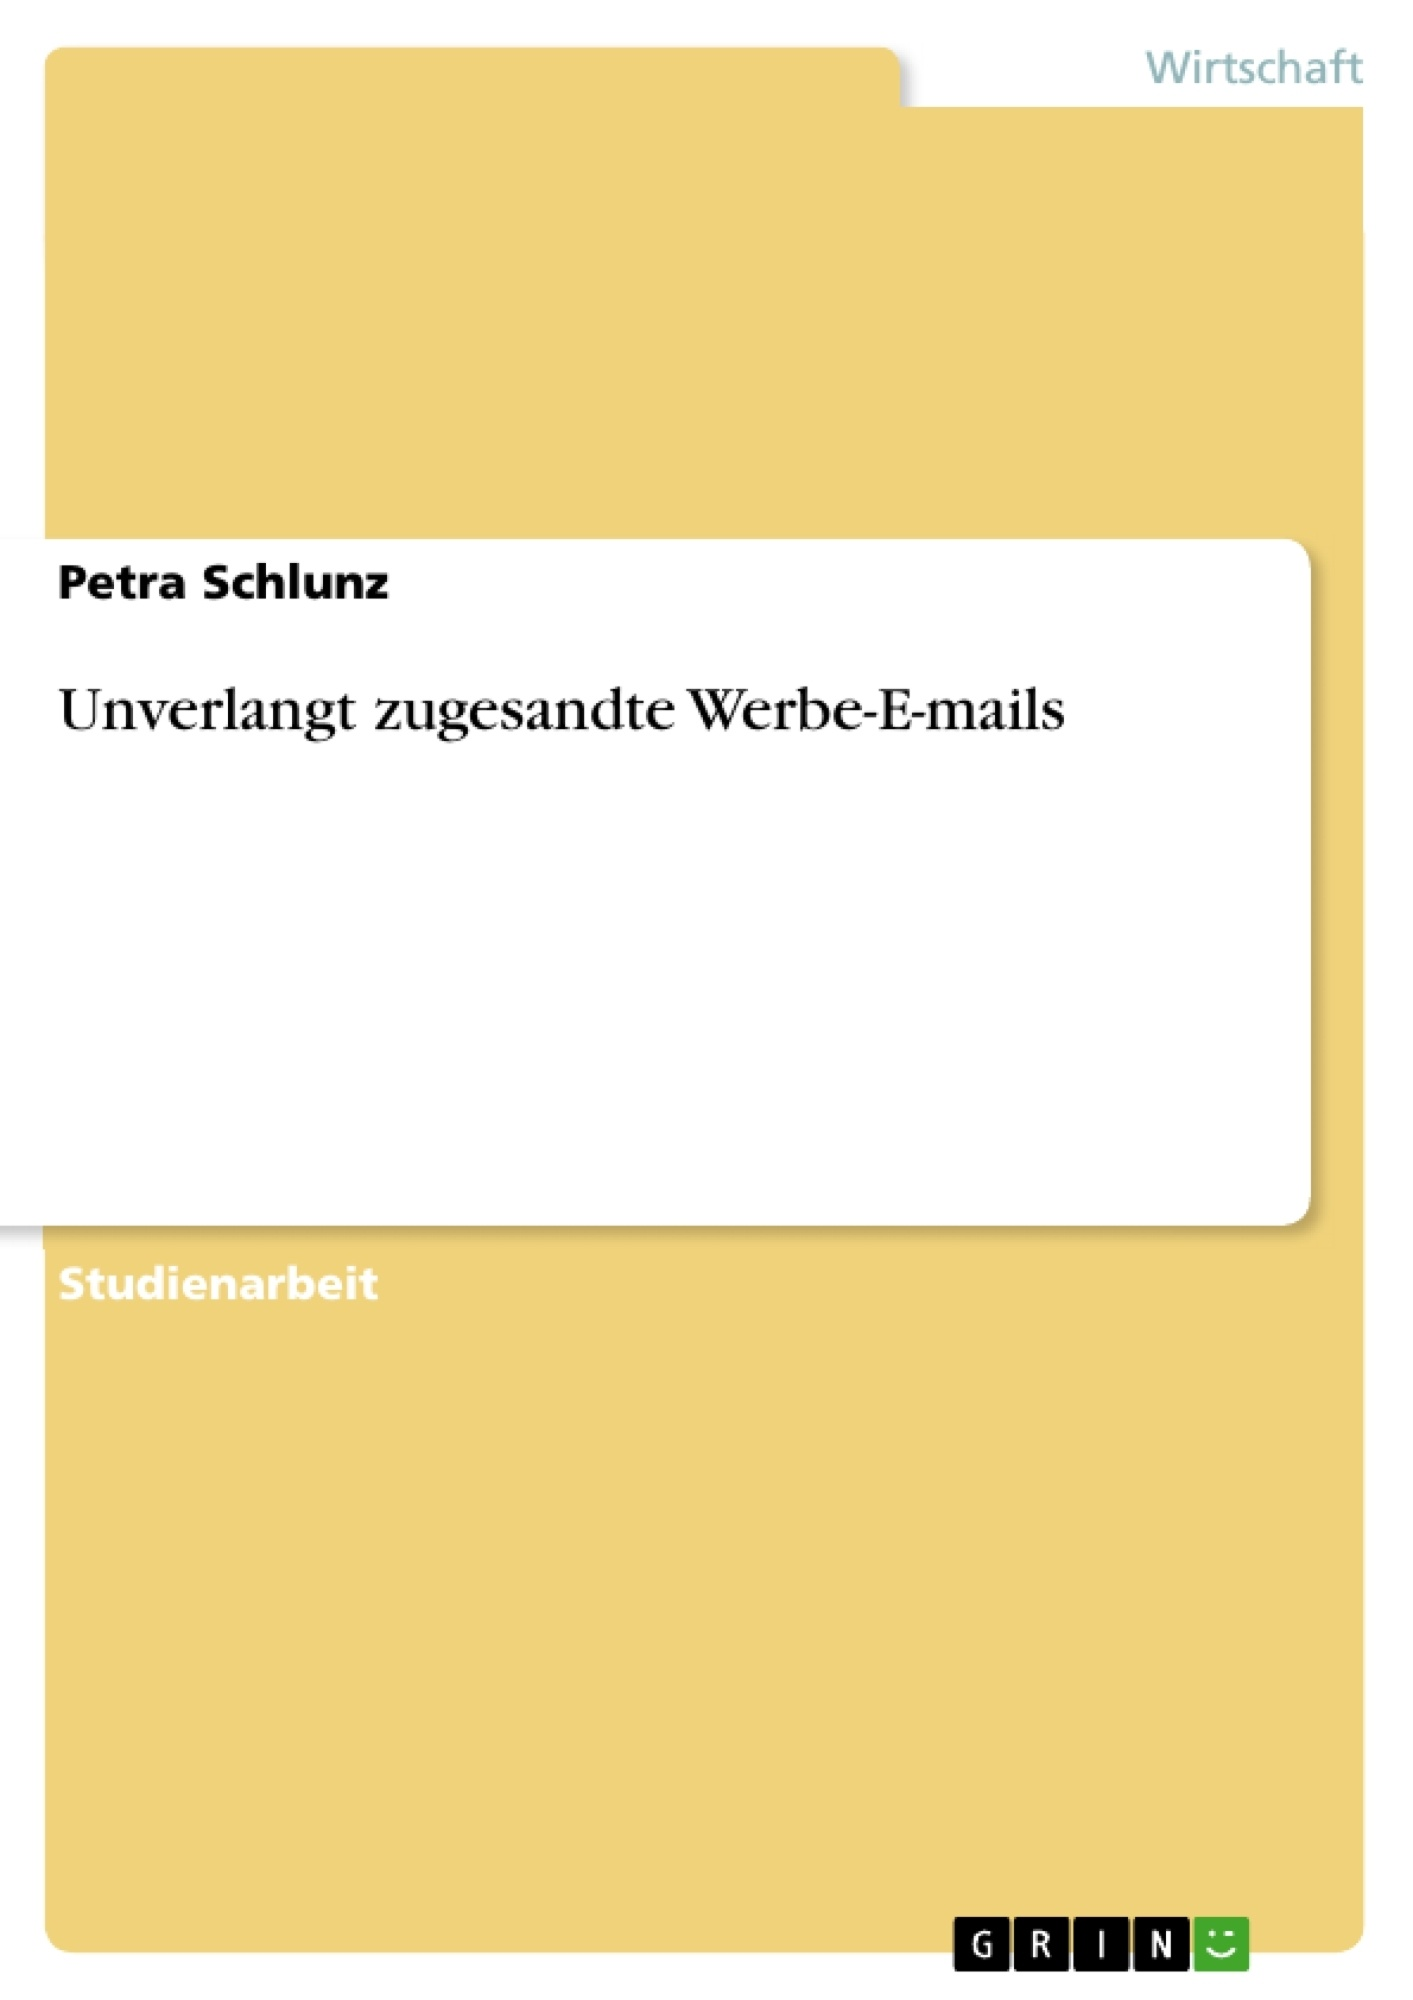 Titel: Unverlangt zugesandte Werbe-E-mails